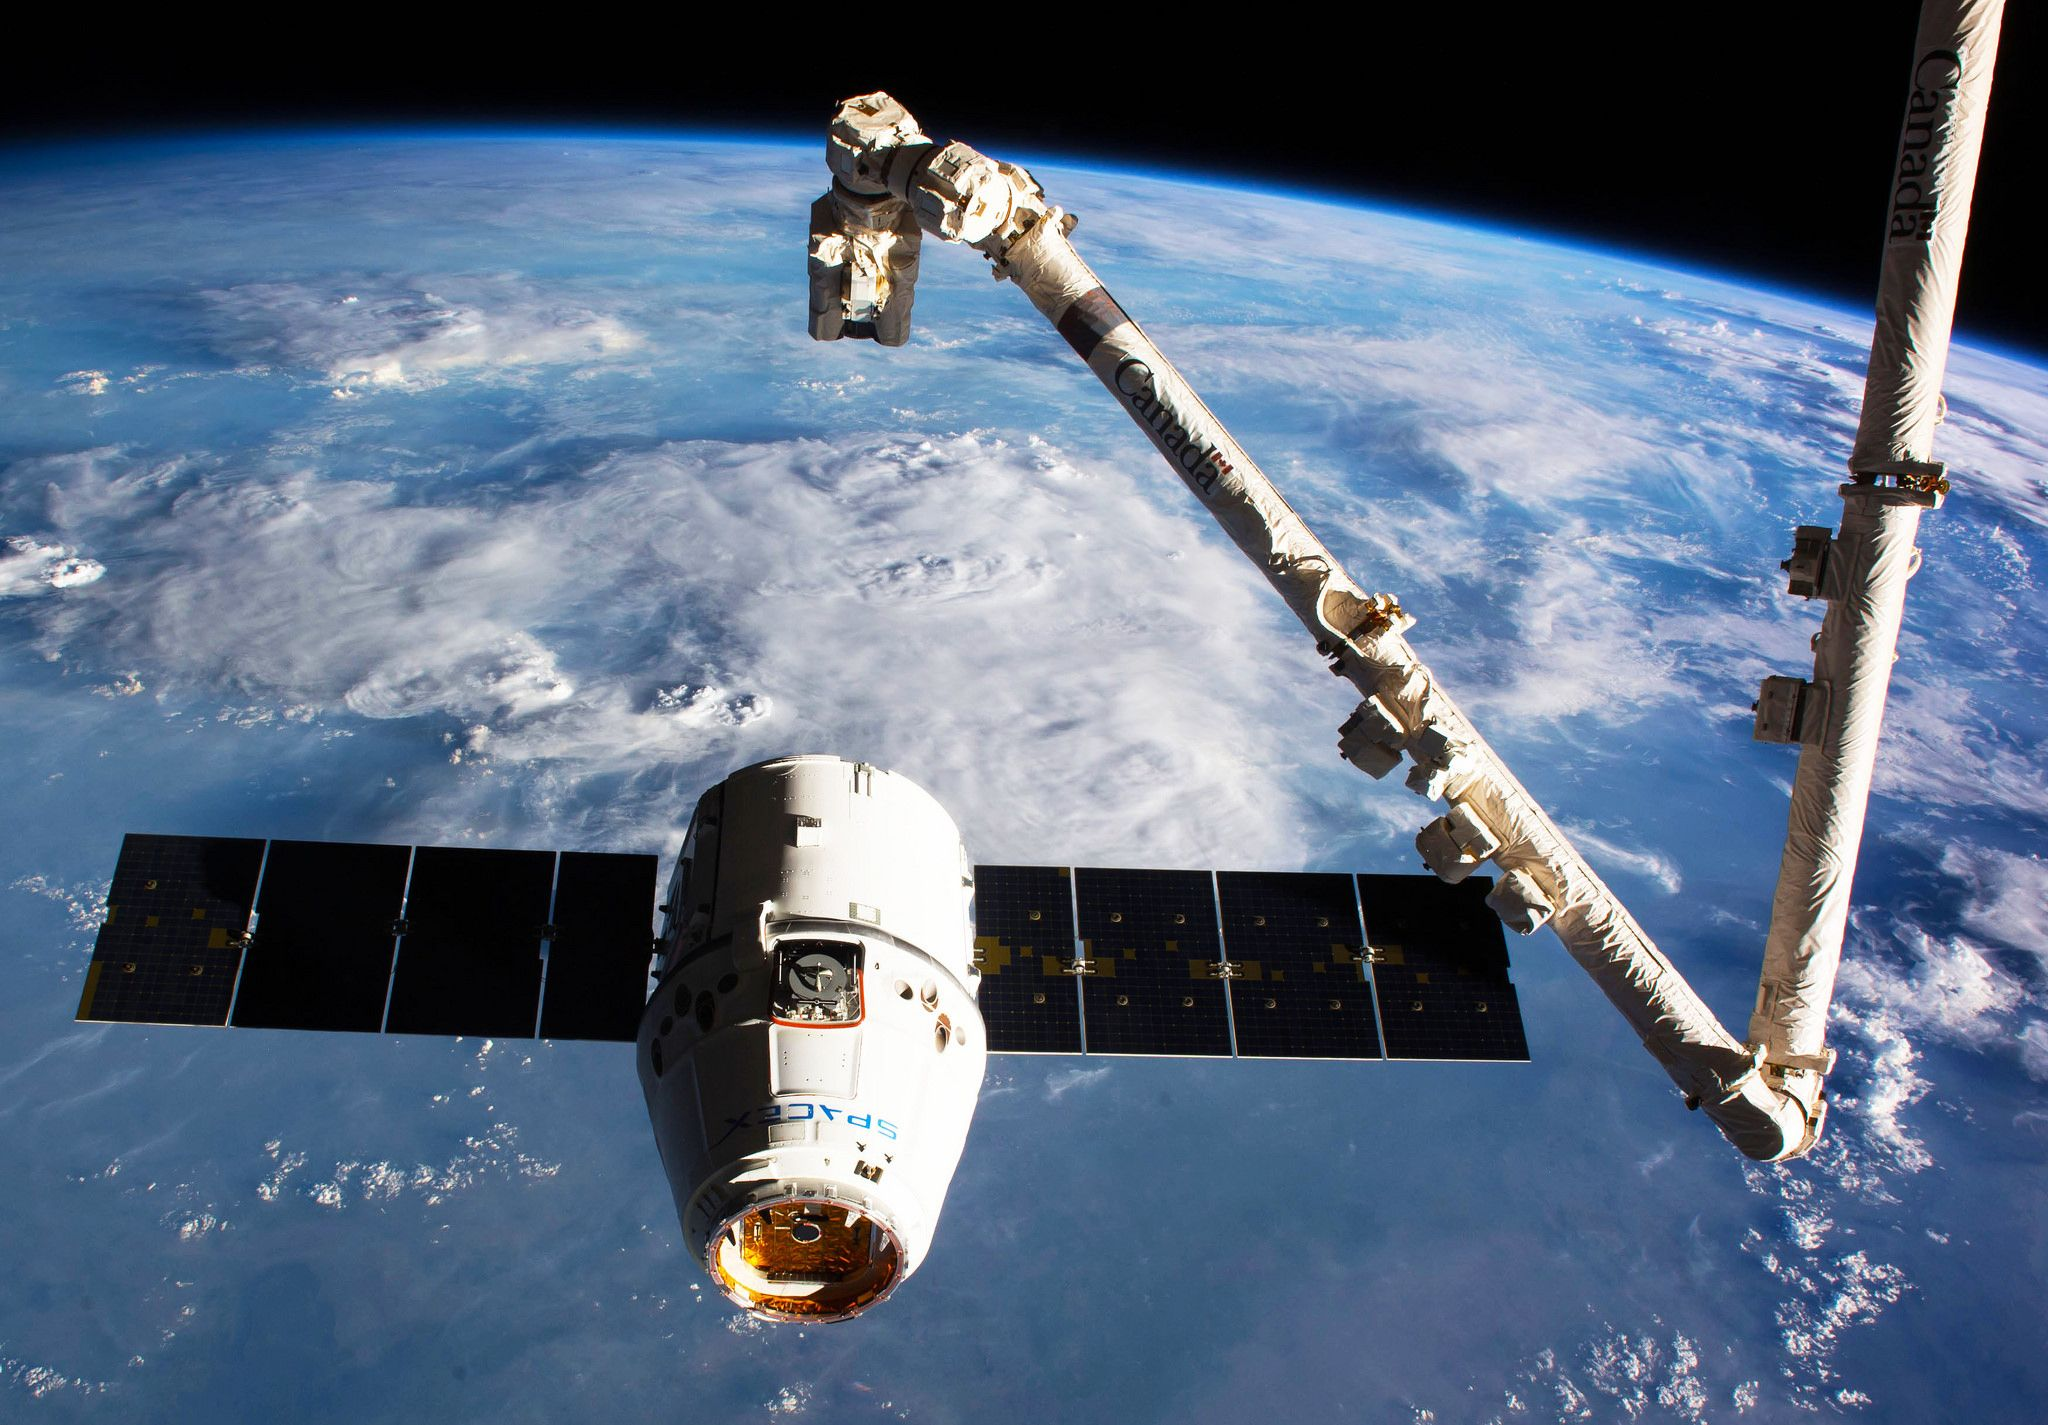 1_15_SpaceX Dragon